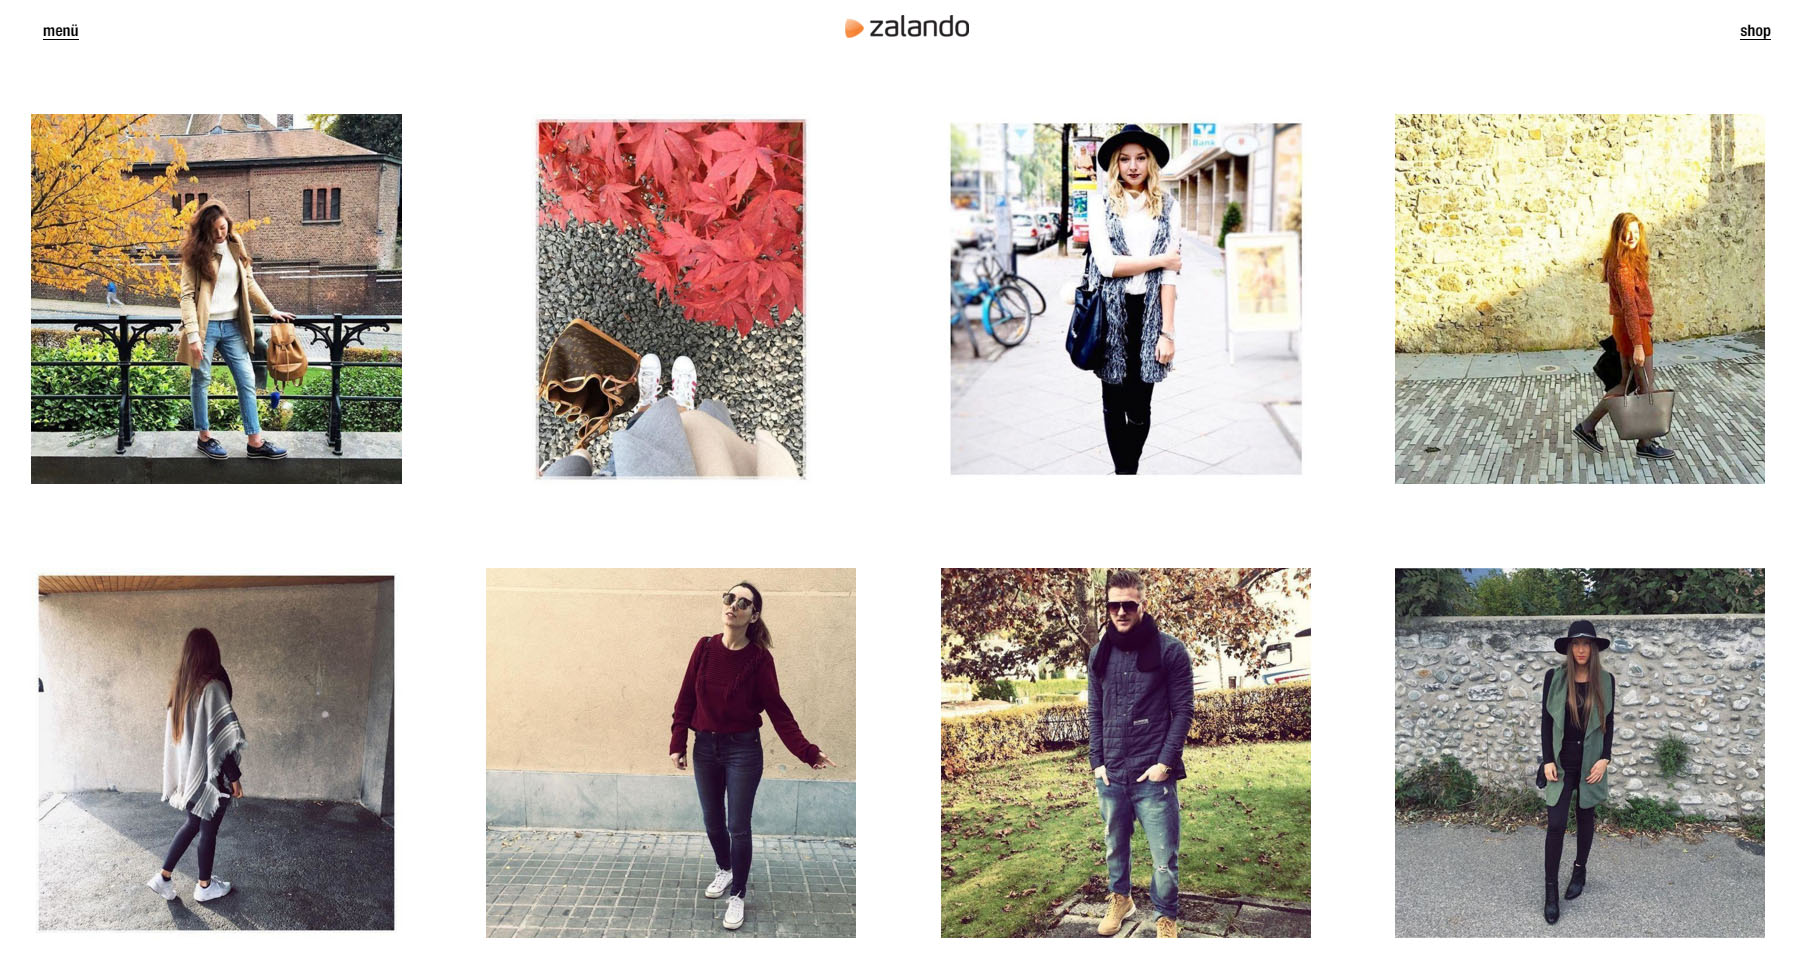 Zalando gör det möjligt att shoppa från Instagram-bilder